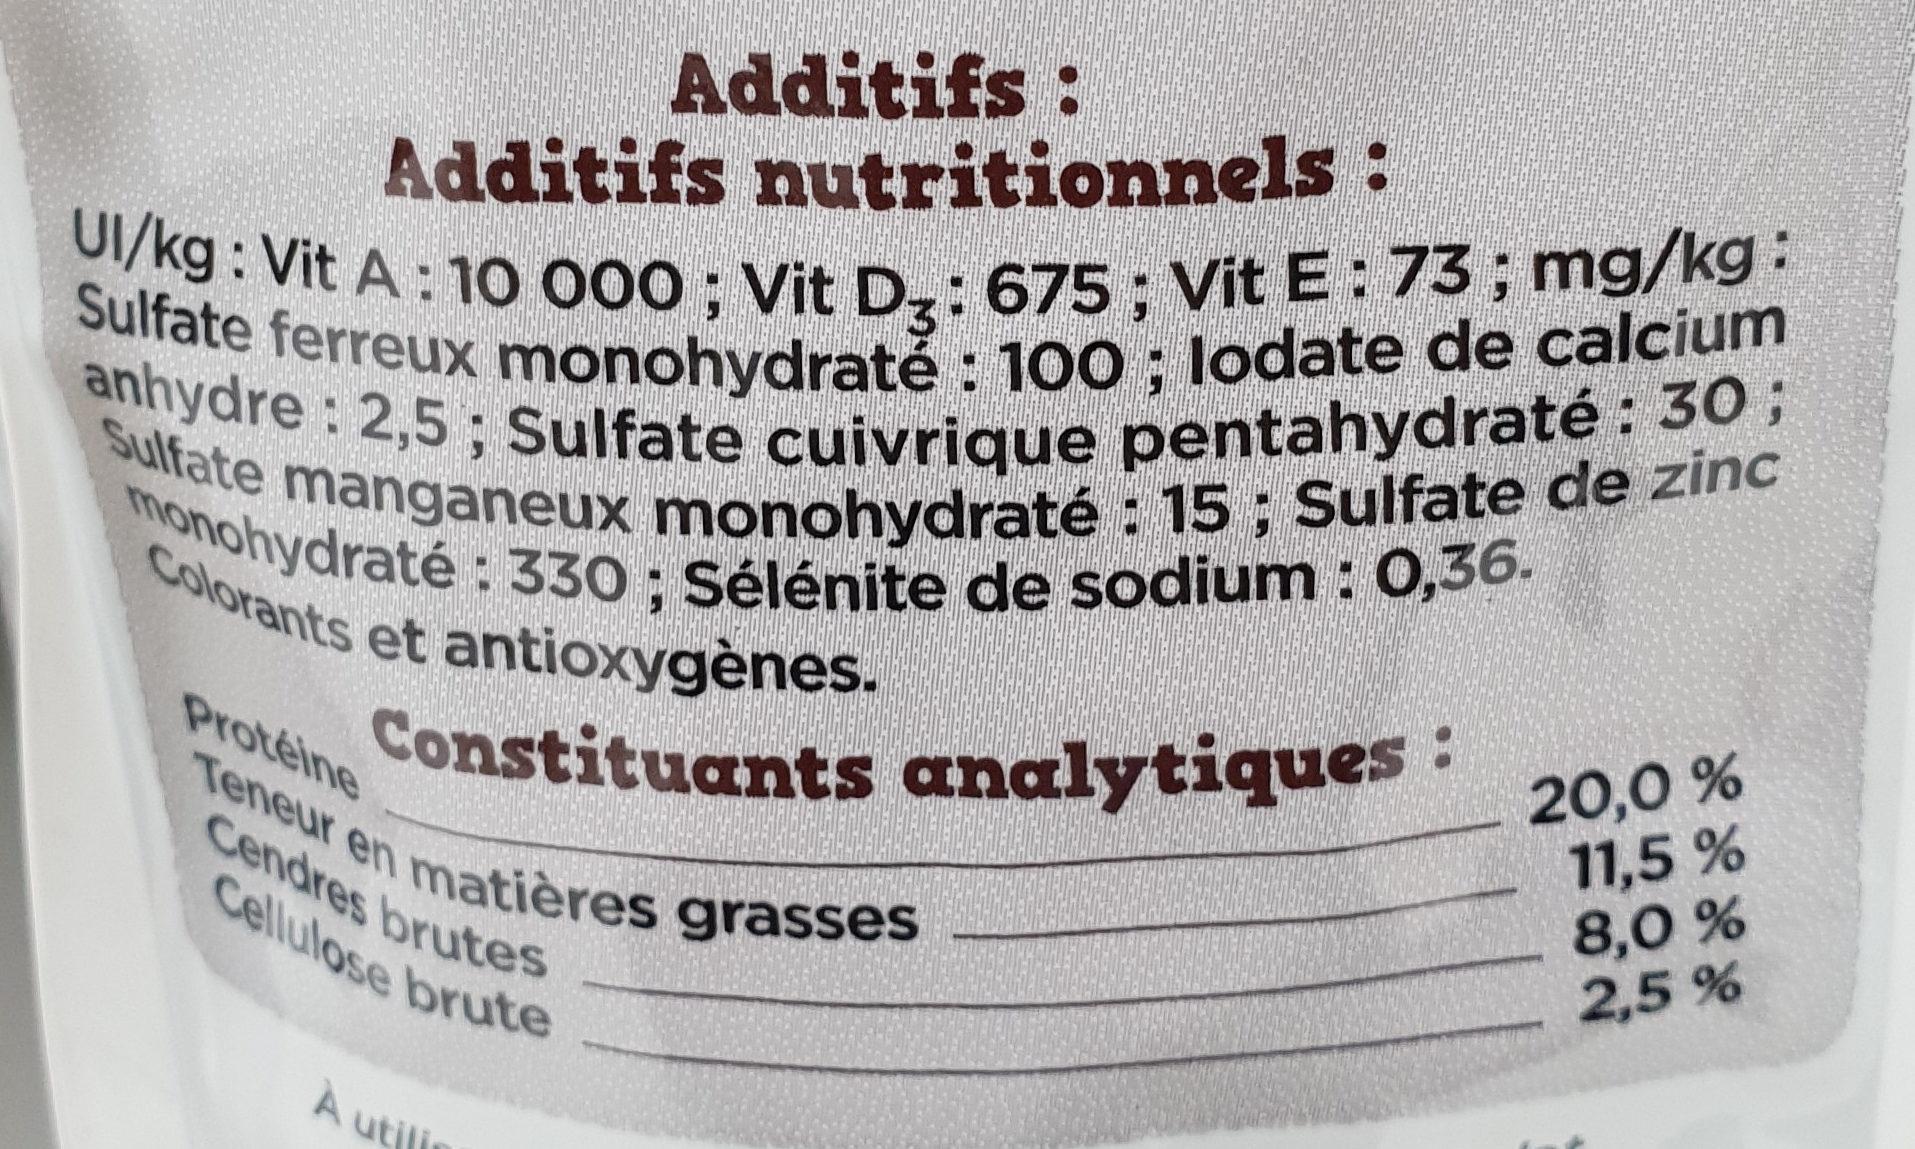 Fido croq Mix au Boeuf aux Céréales aux Légumes - Nutrition facts